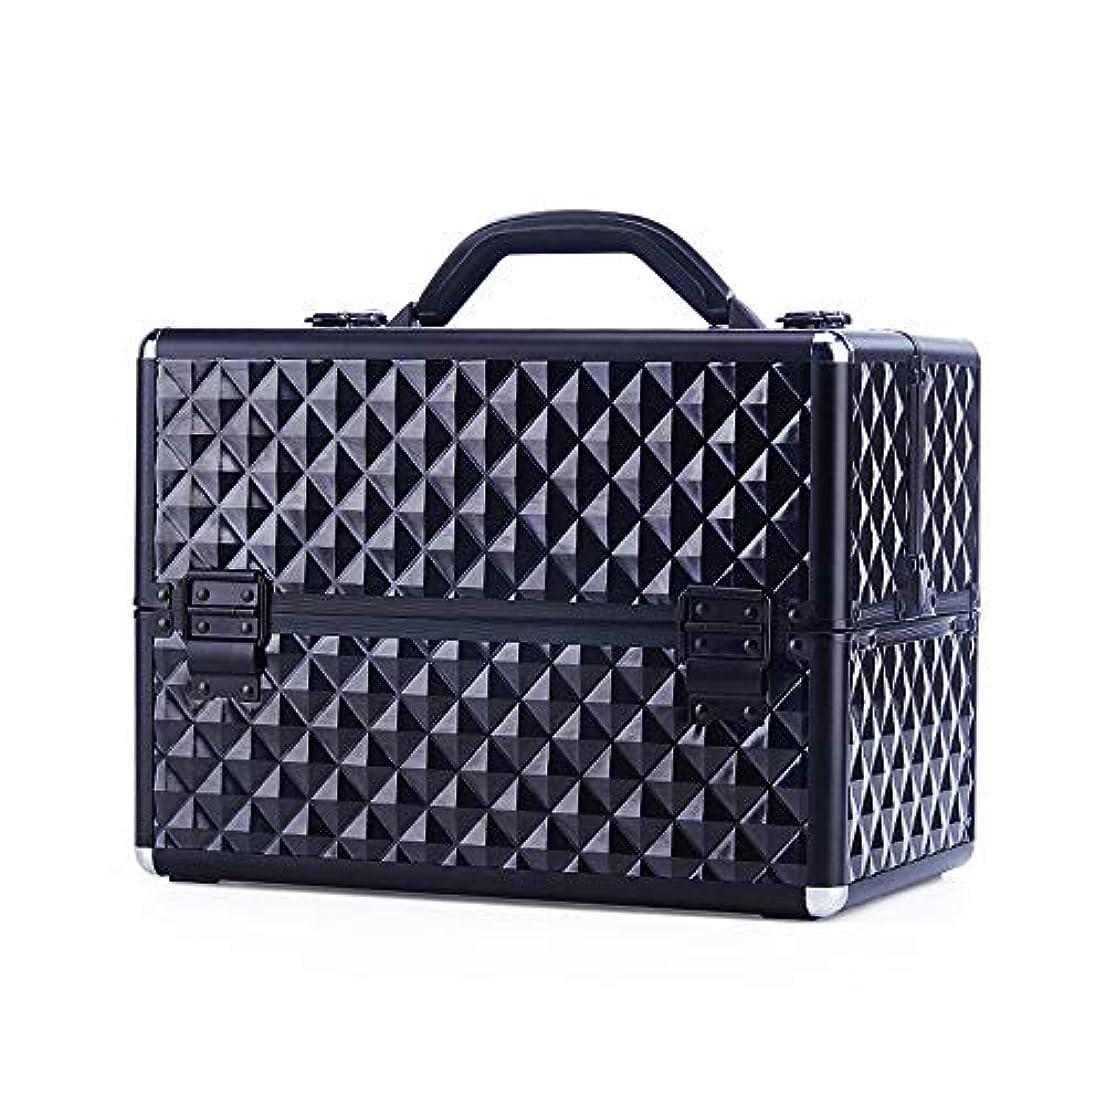 件名バンガロールビー化粧オーガナイザーバッグ 大型スペースチェック柄美容化粧箱メイクキャリー/トラベルケースアーティストネイルテックケース収納美容袋 化粧品ケース (色 : ブラック)